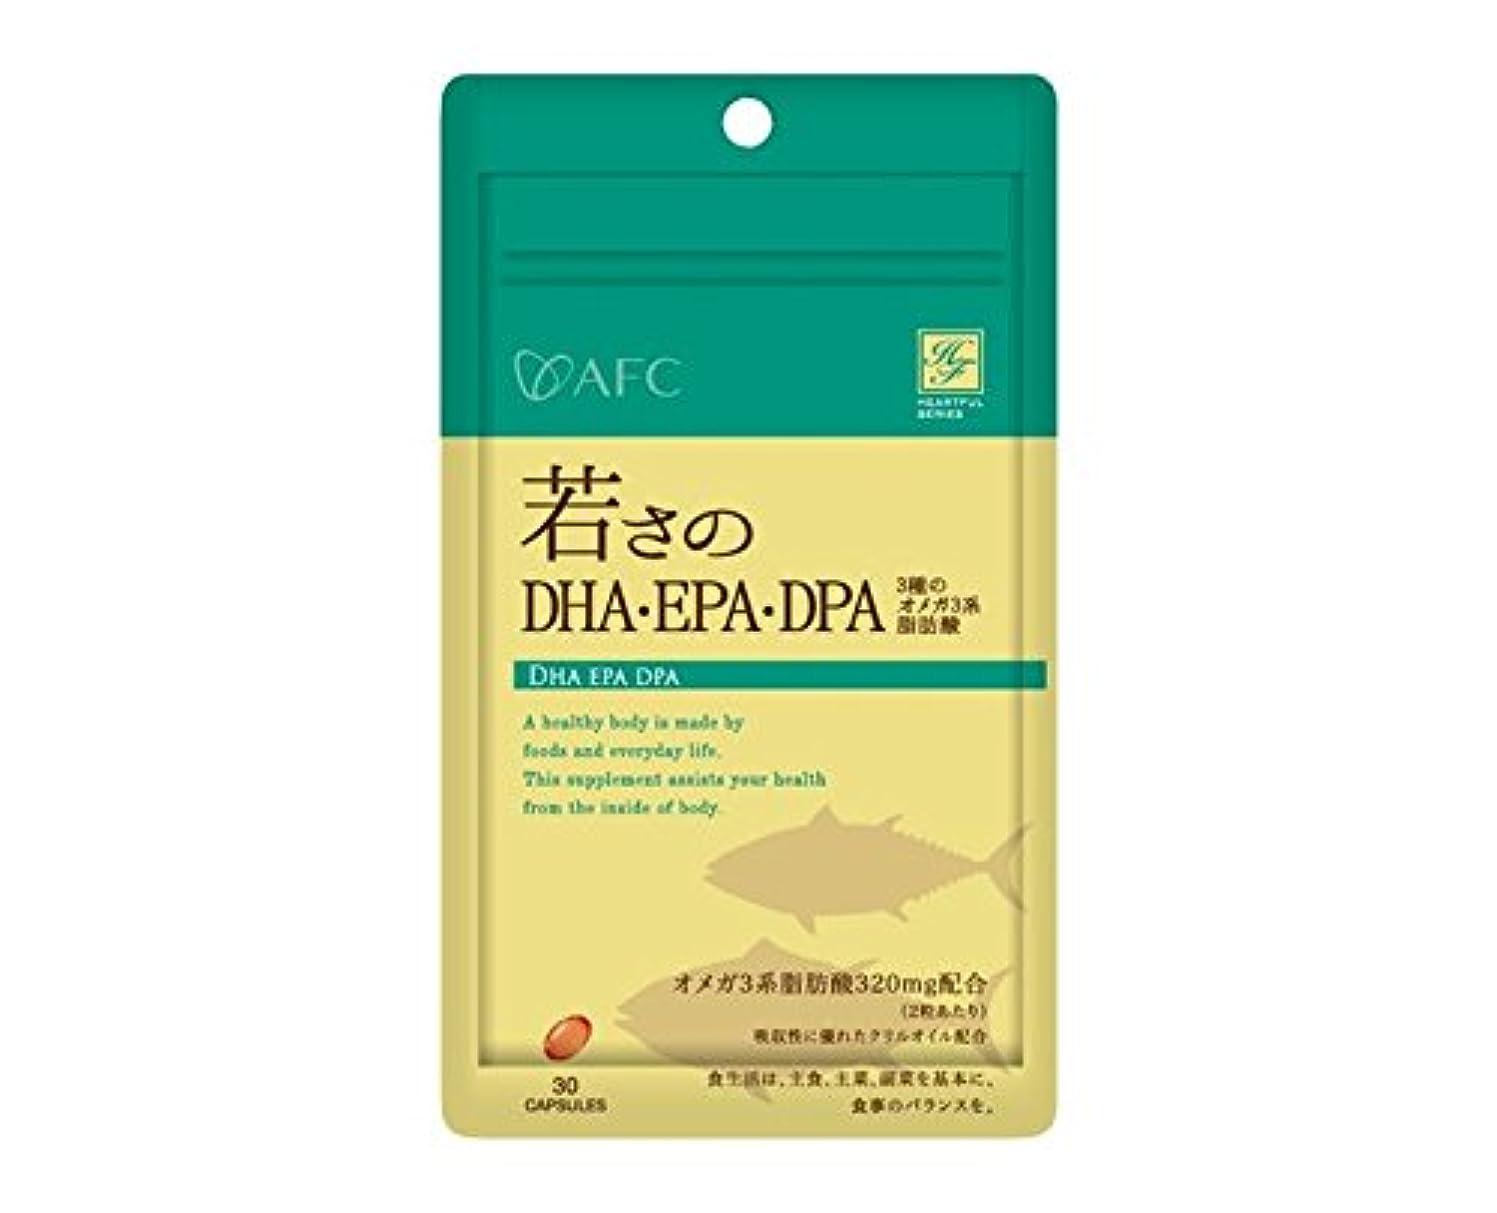 はさみ遊び場聡明ハートフルシリーズ 若さの DAH?EPA?DPA3種のオメガ3系脂肪酸